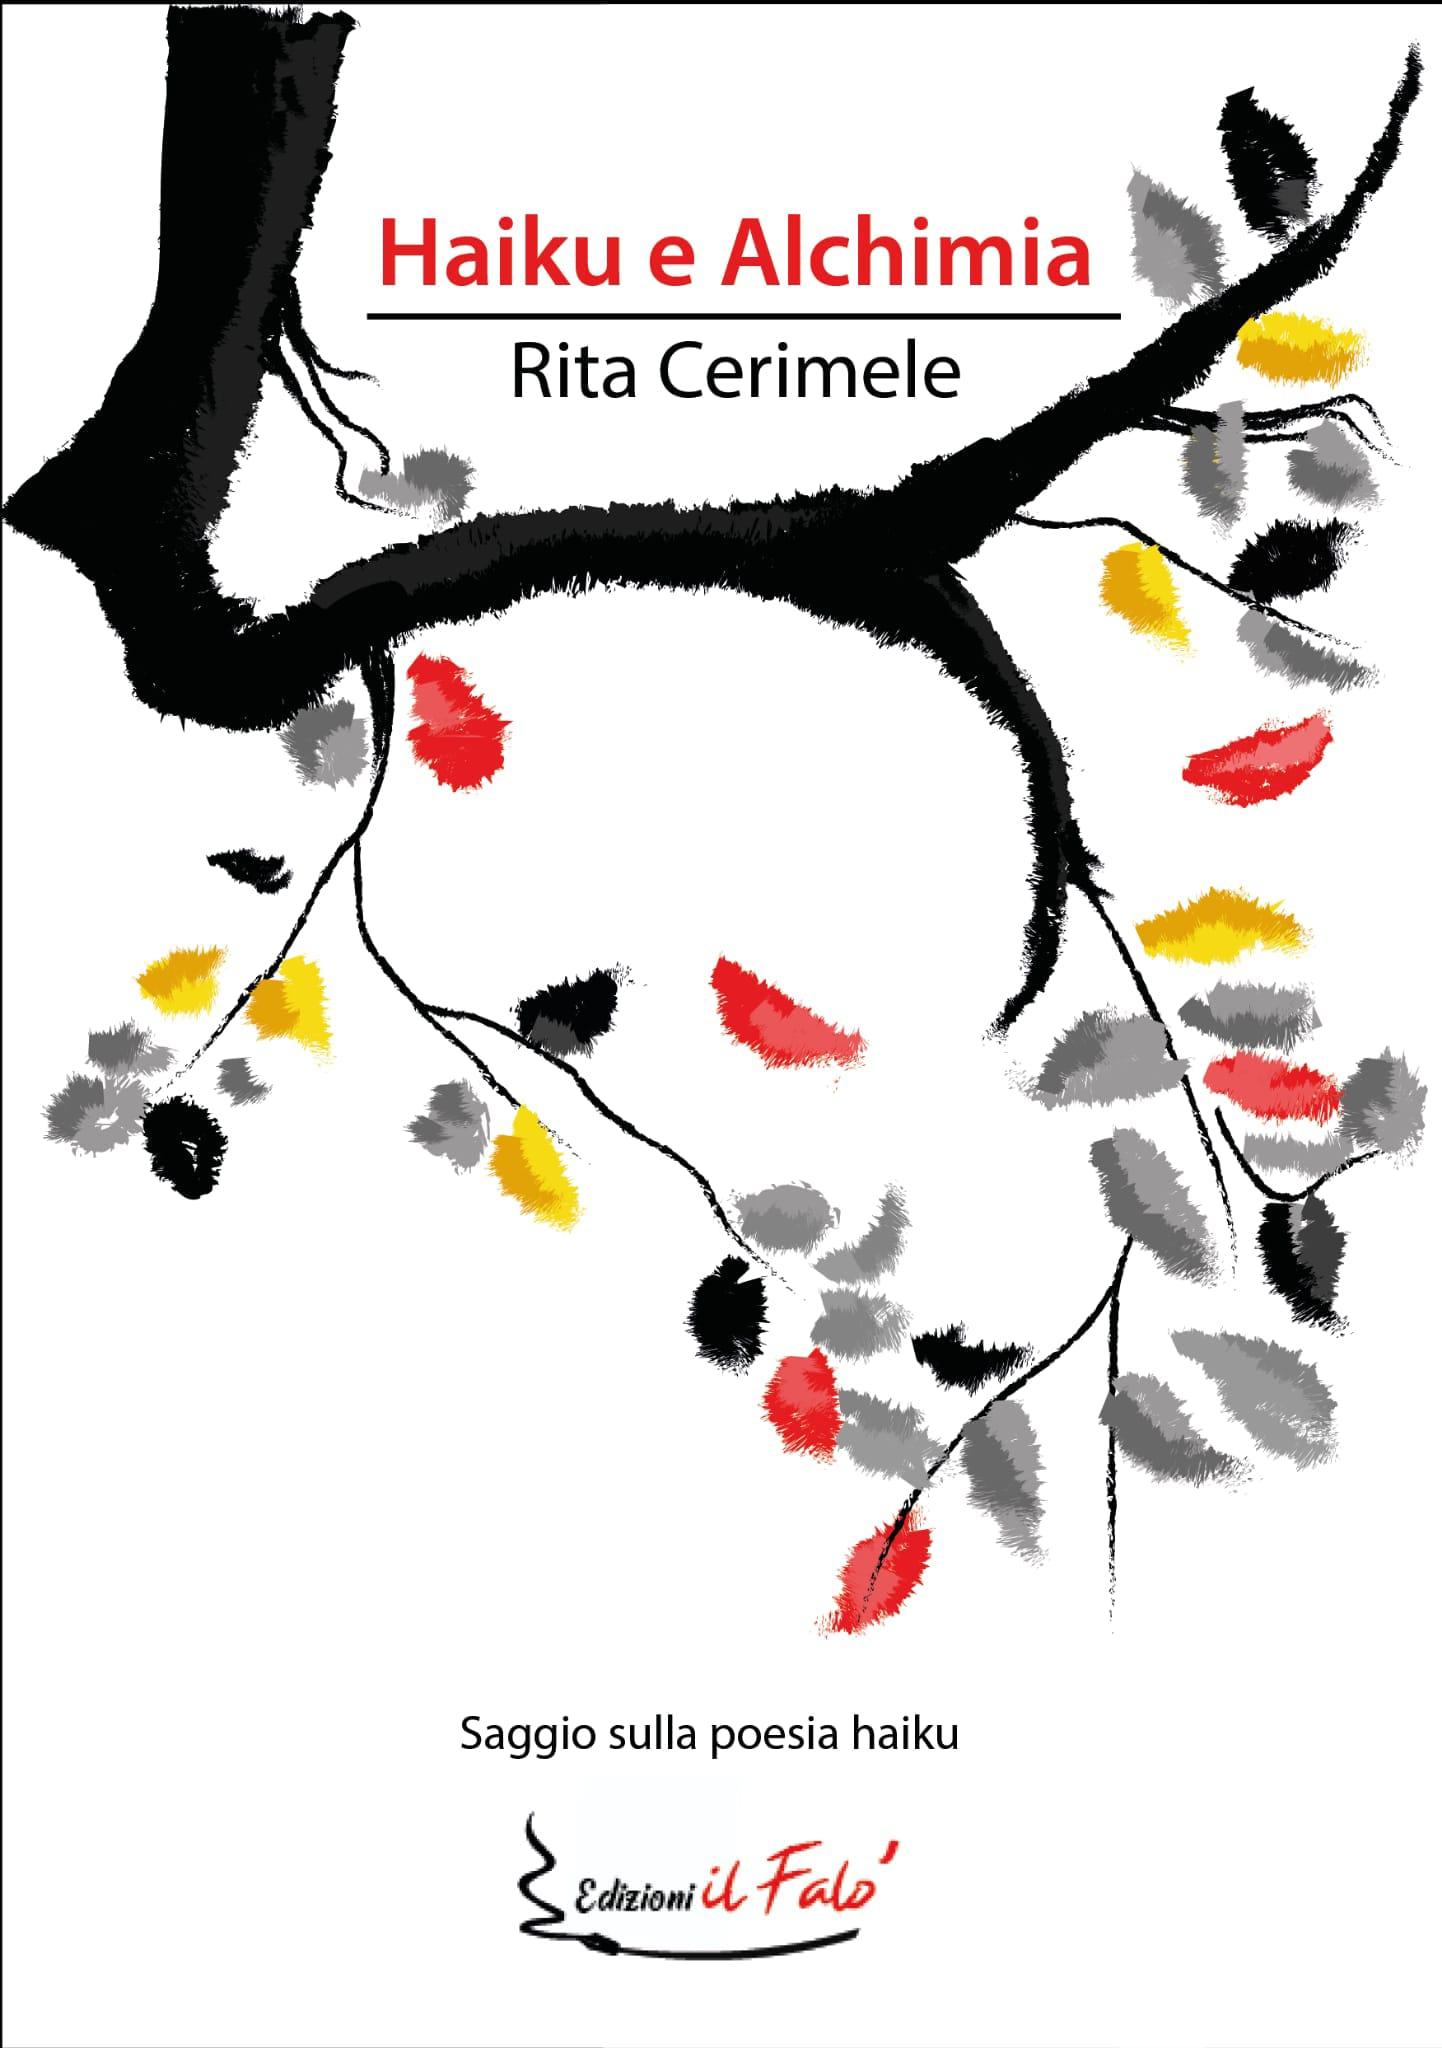 Rita Cerimele